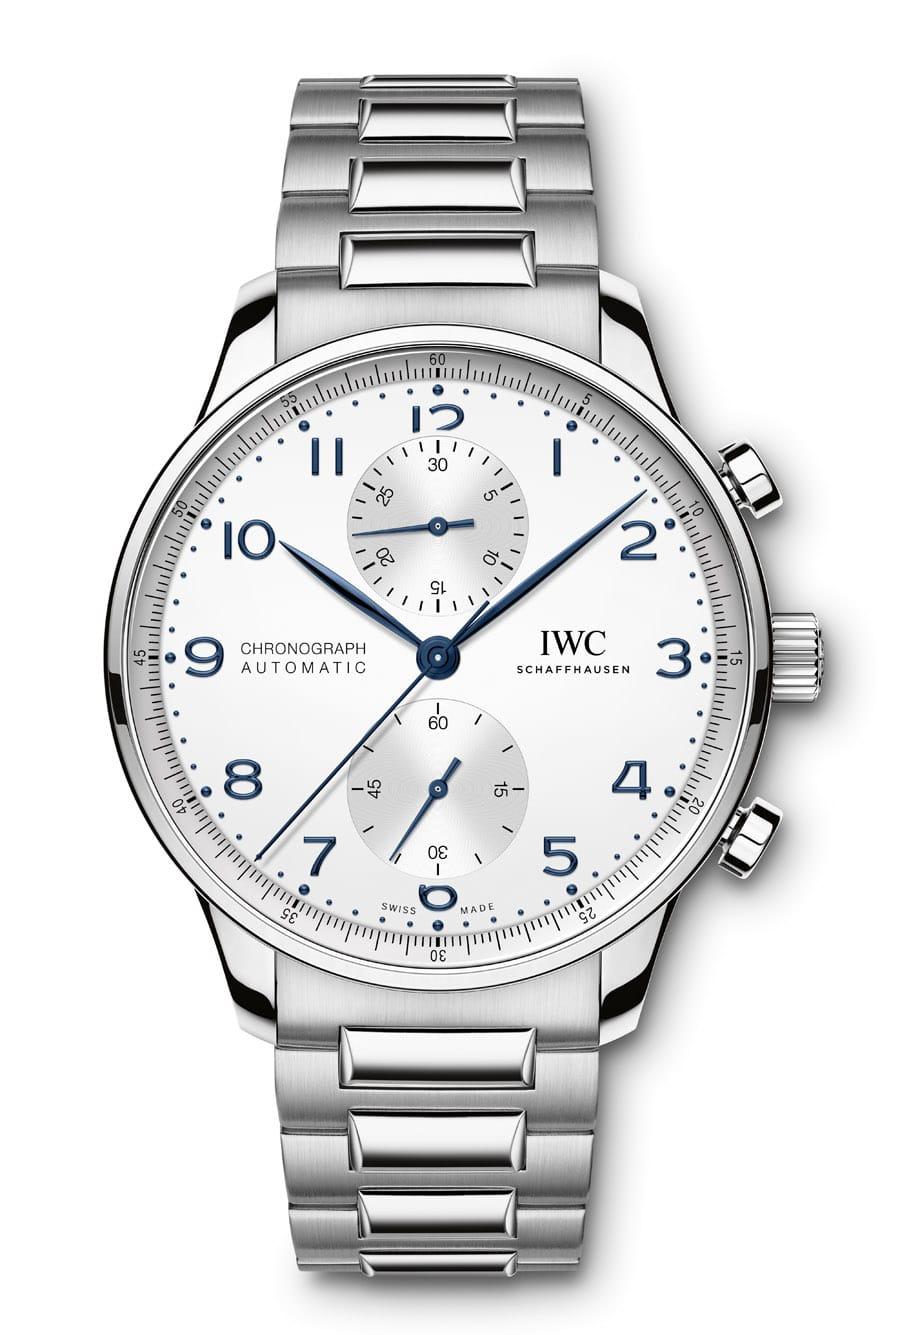 Die IWC Portugieser Chronograph Referenz IW371617 in Edelstahl und Manufakturkaliber 69355 gibt es jetzt neu mit Edelstahlband